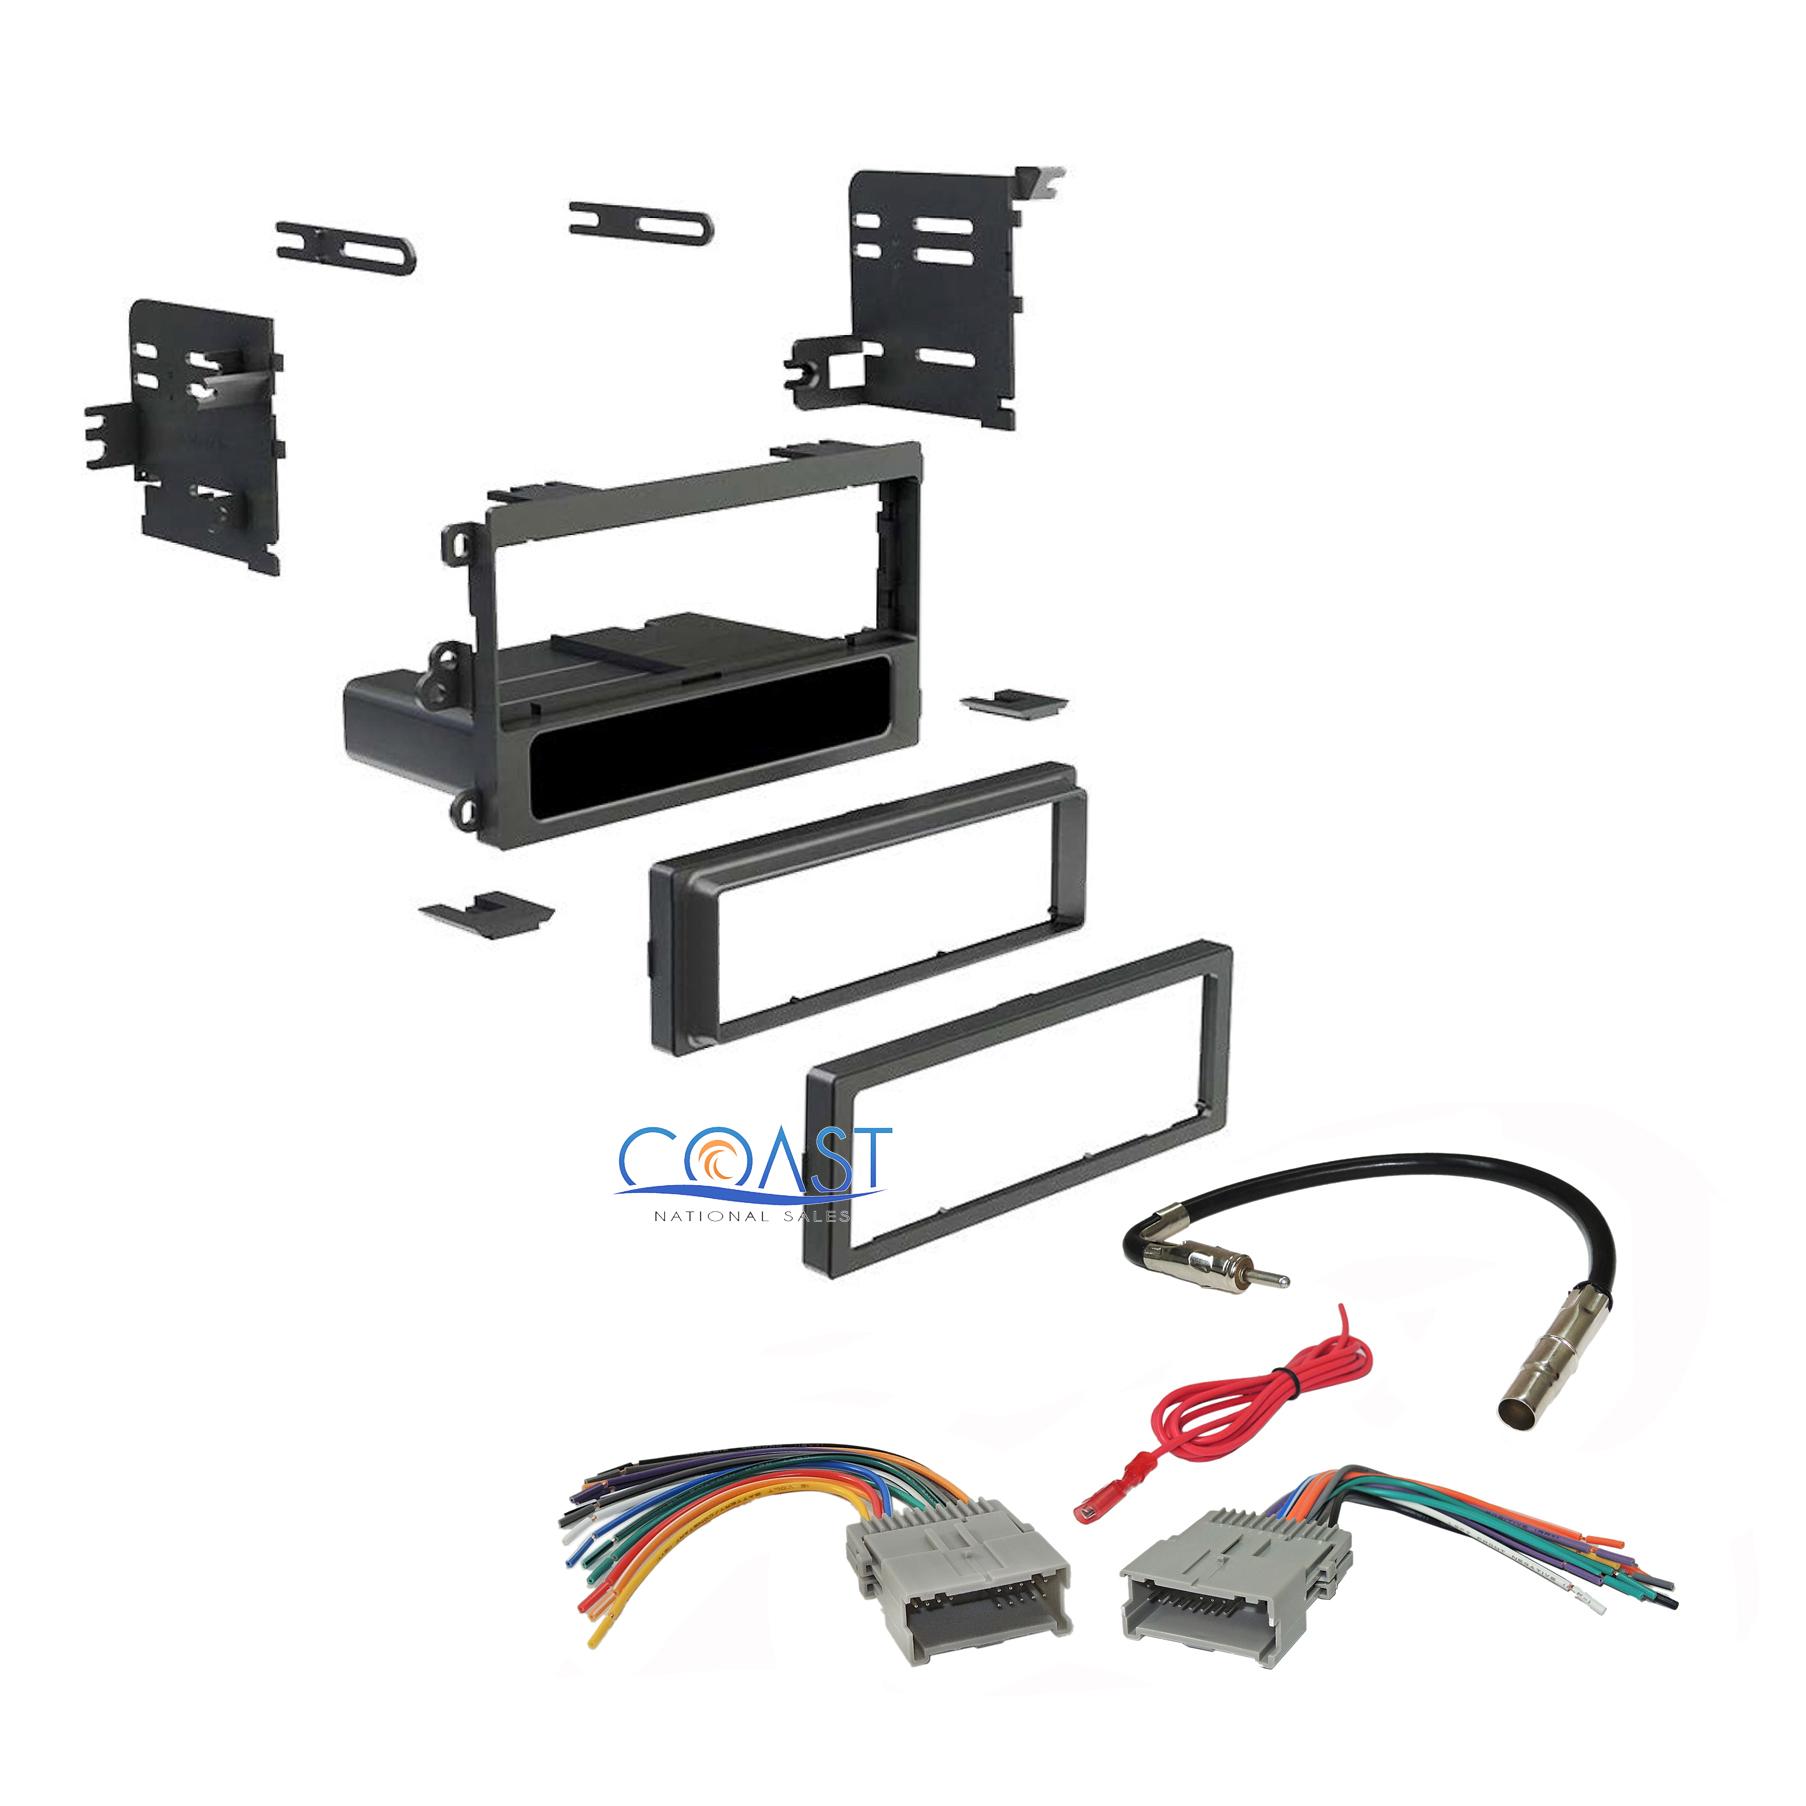 Xscorpion car stereo mounting dash kit 8